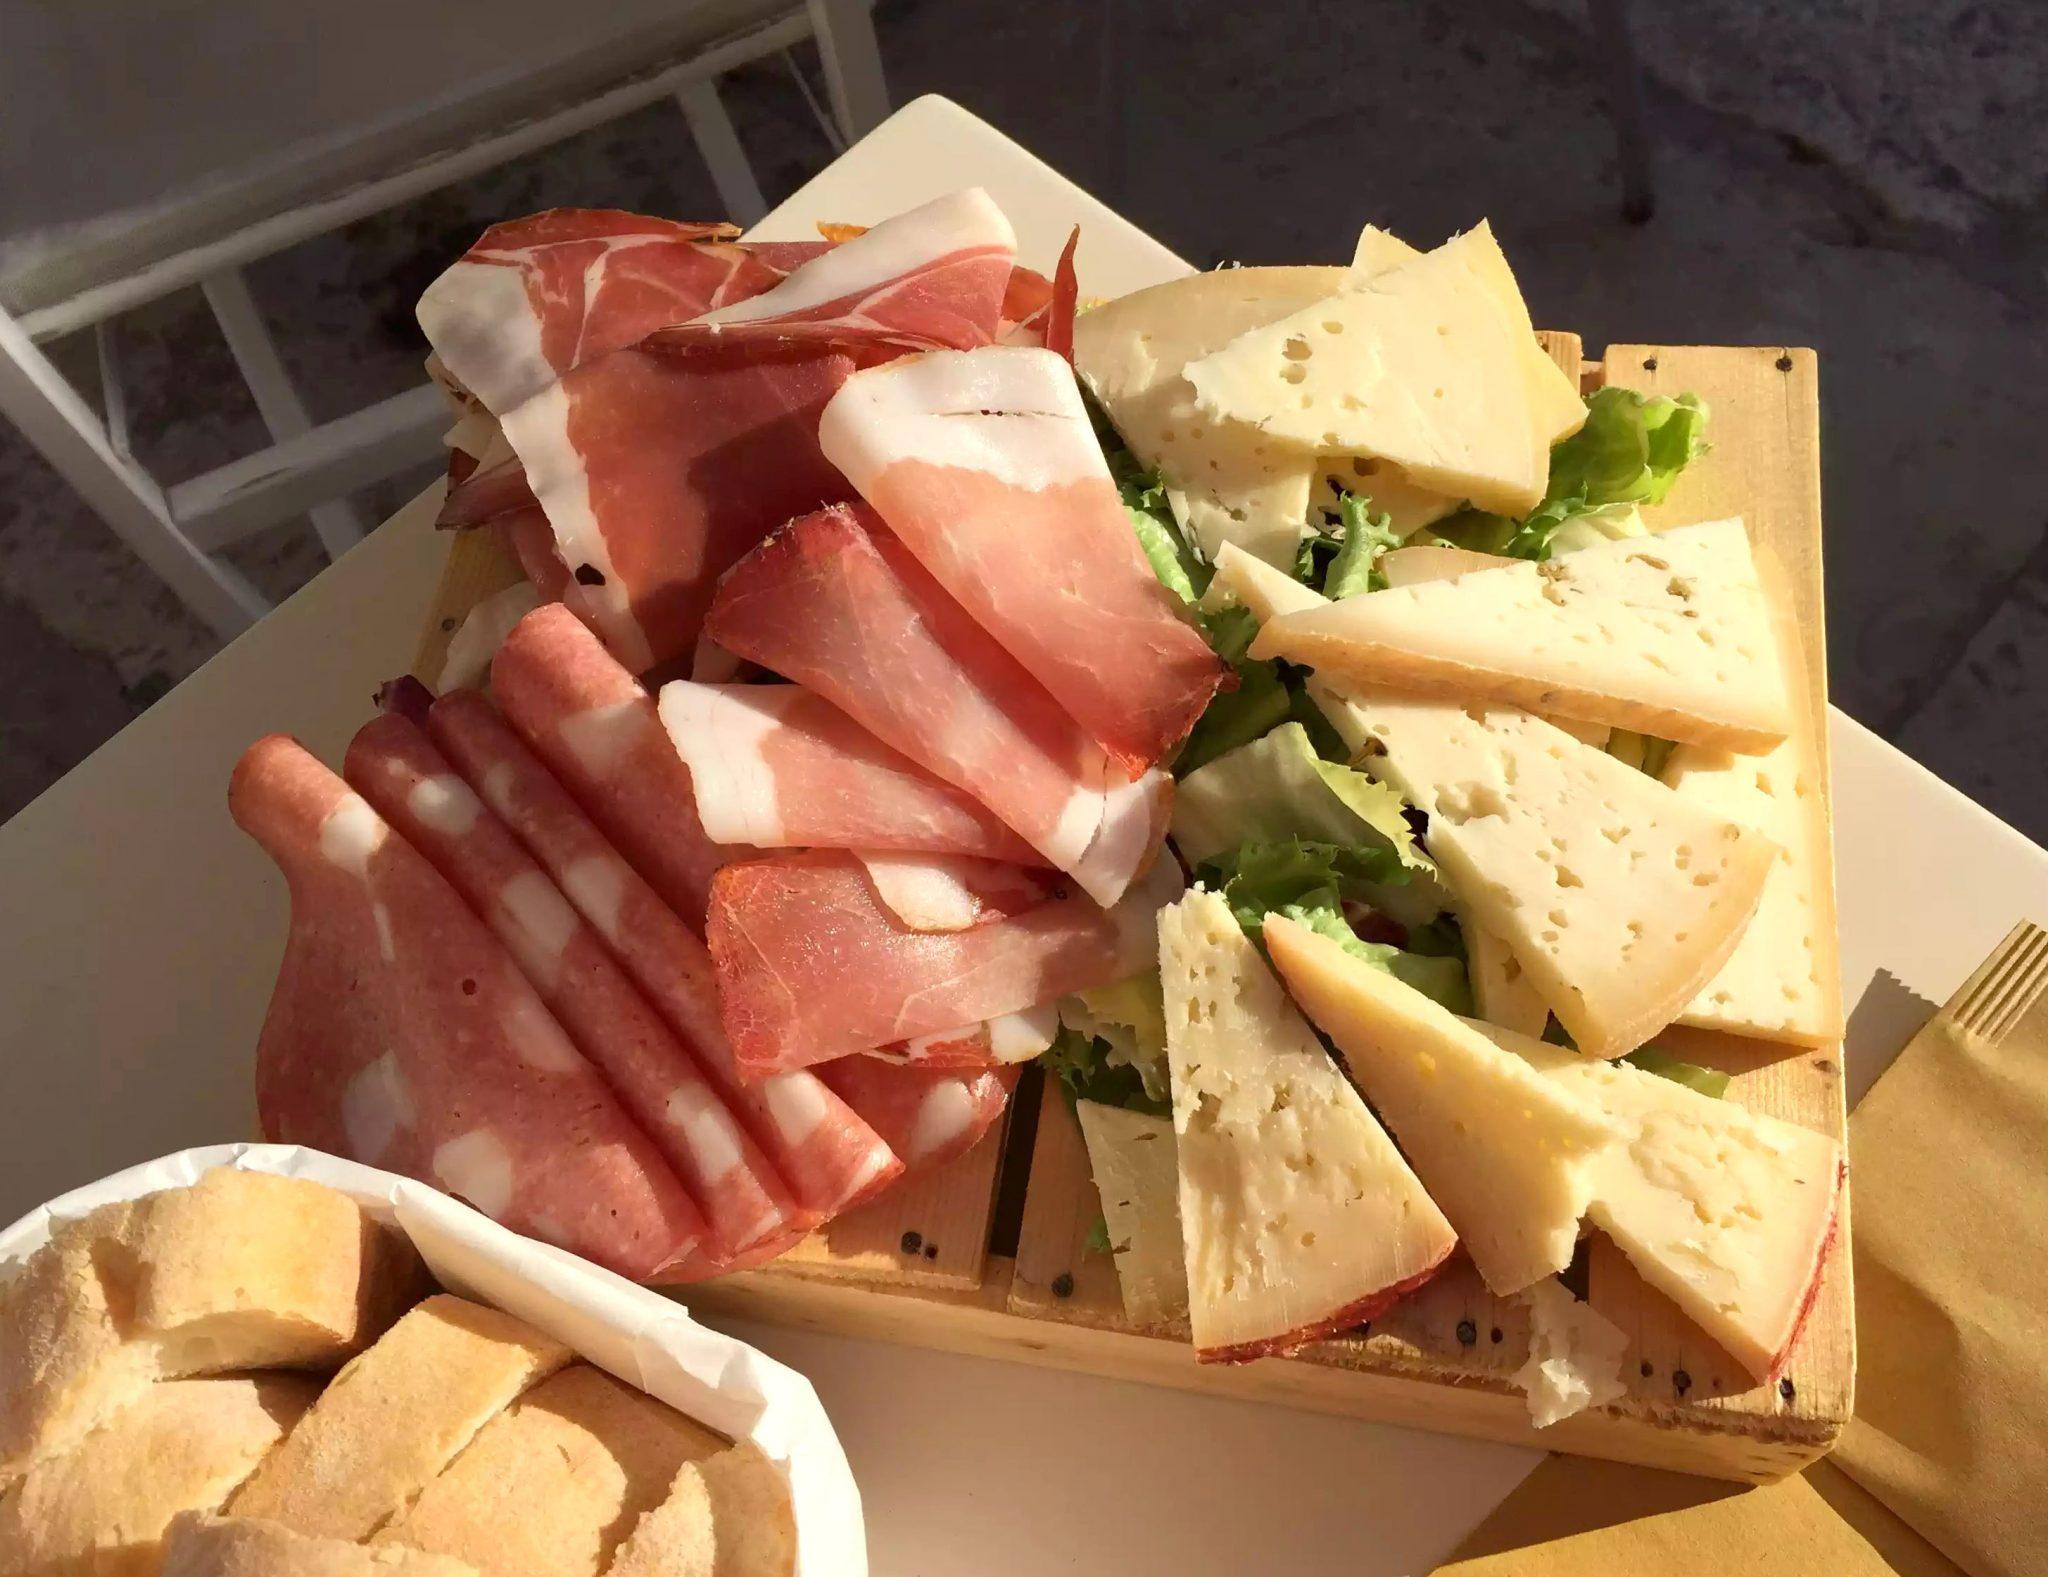 Polignano A Mare Puglia Italy Dinner Dei Serefini Antipasti Cheese Ham Prosciutto